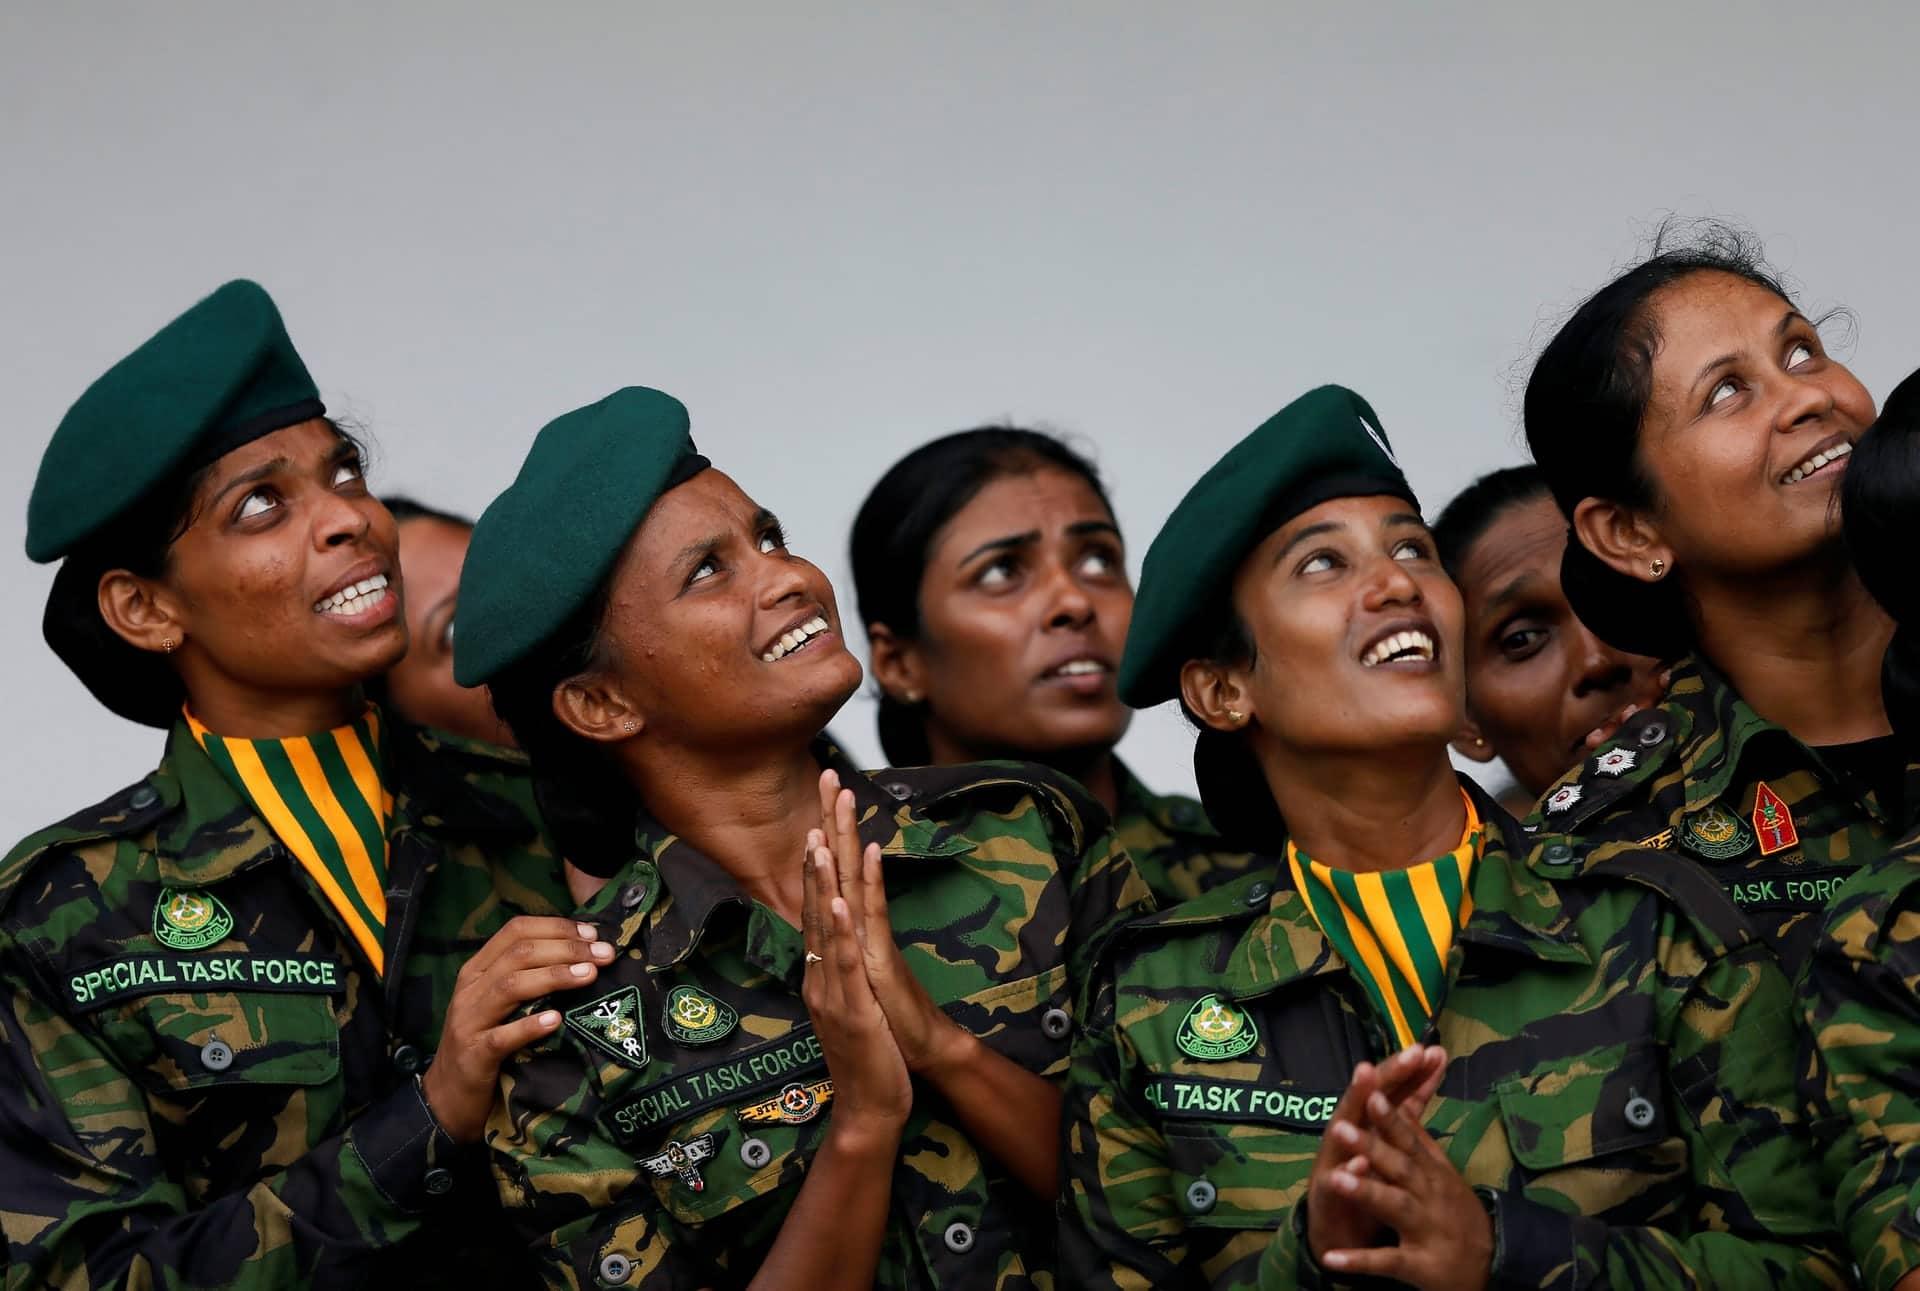 Special task force dello Sri Lanka